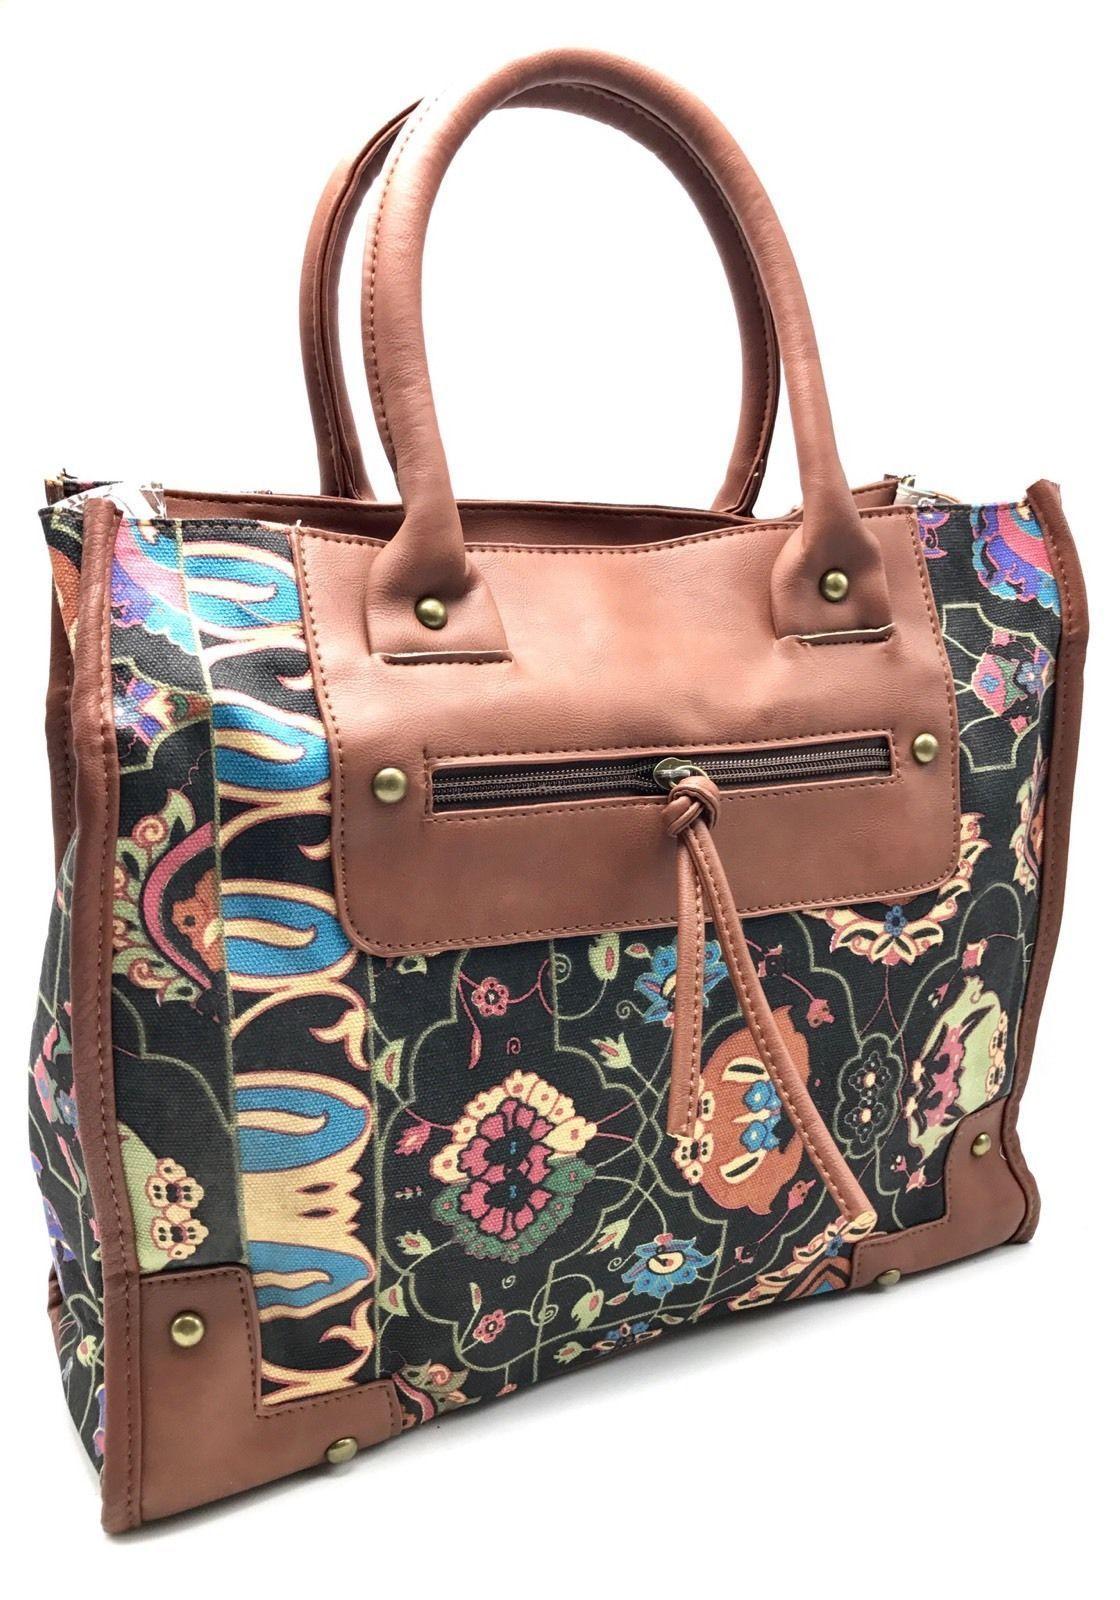 d'luna women's canvas purse tote bag handbag floral faux leather